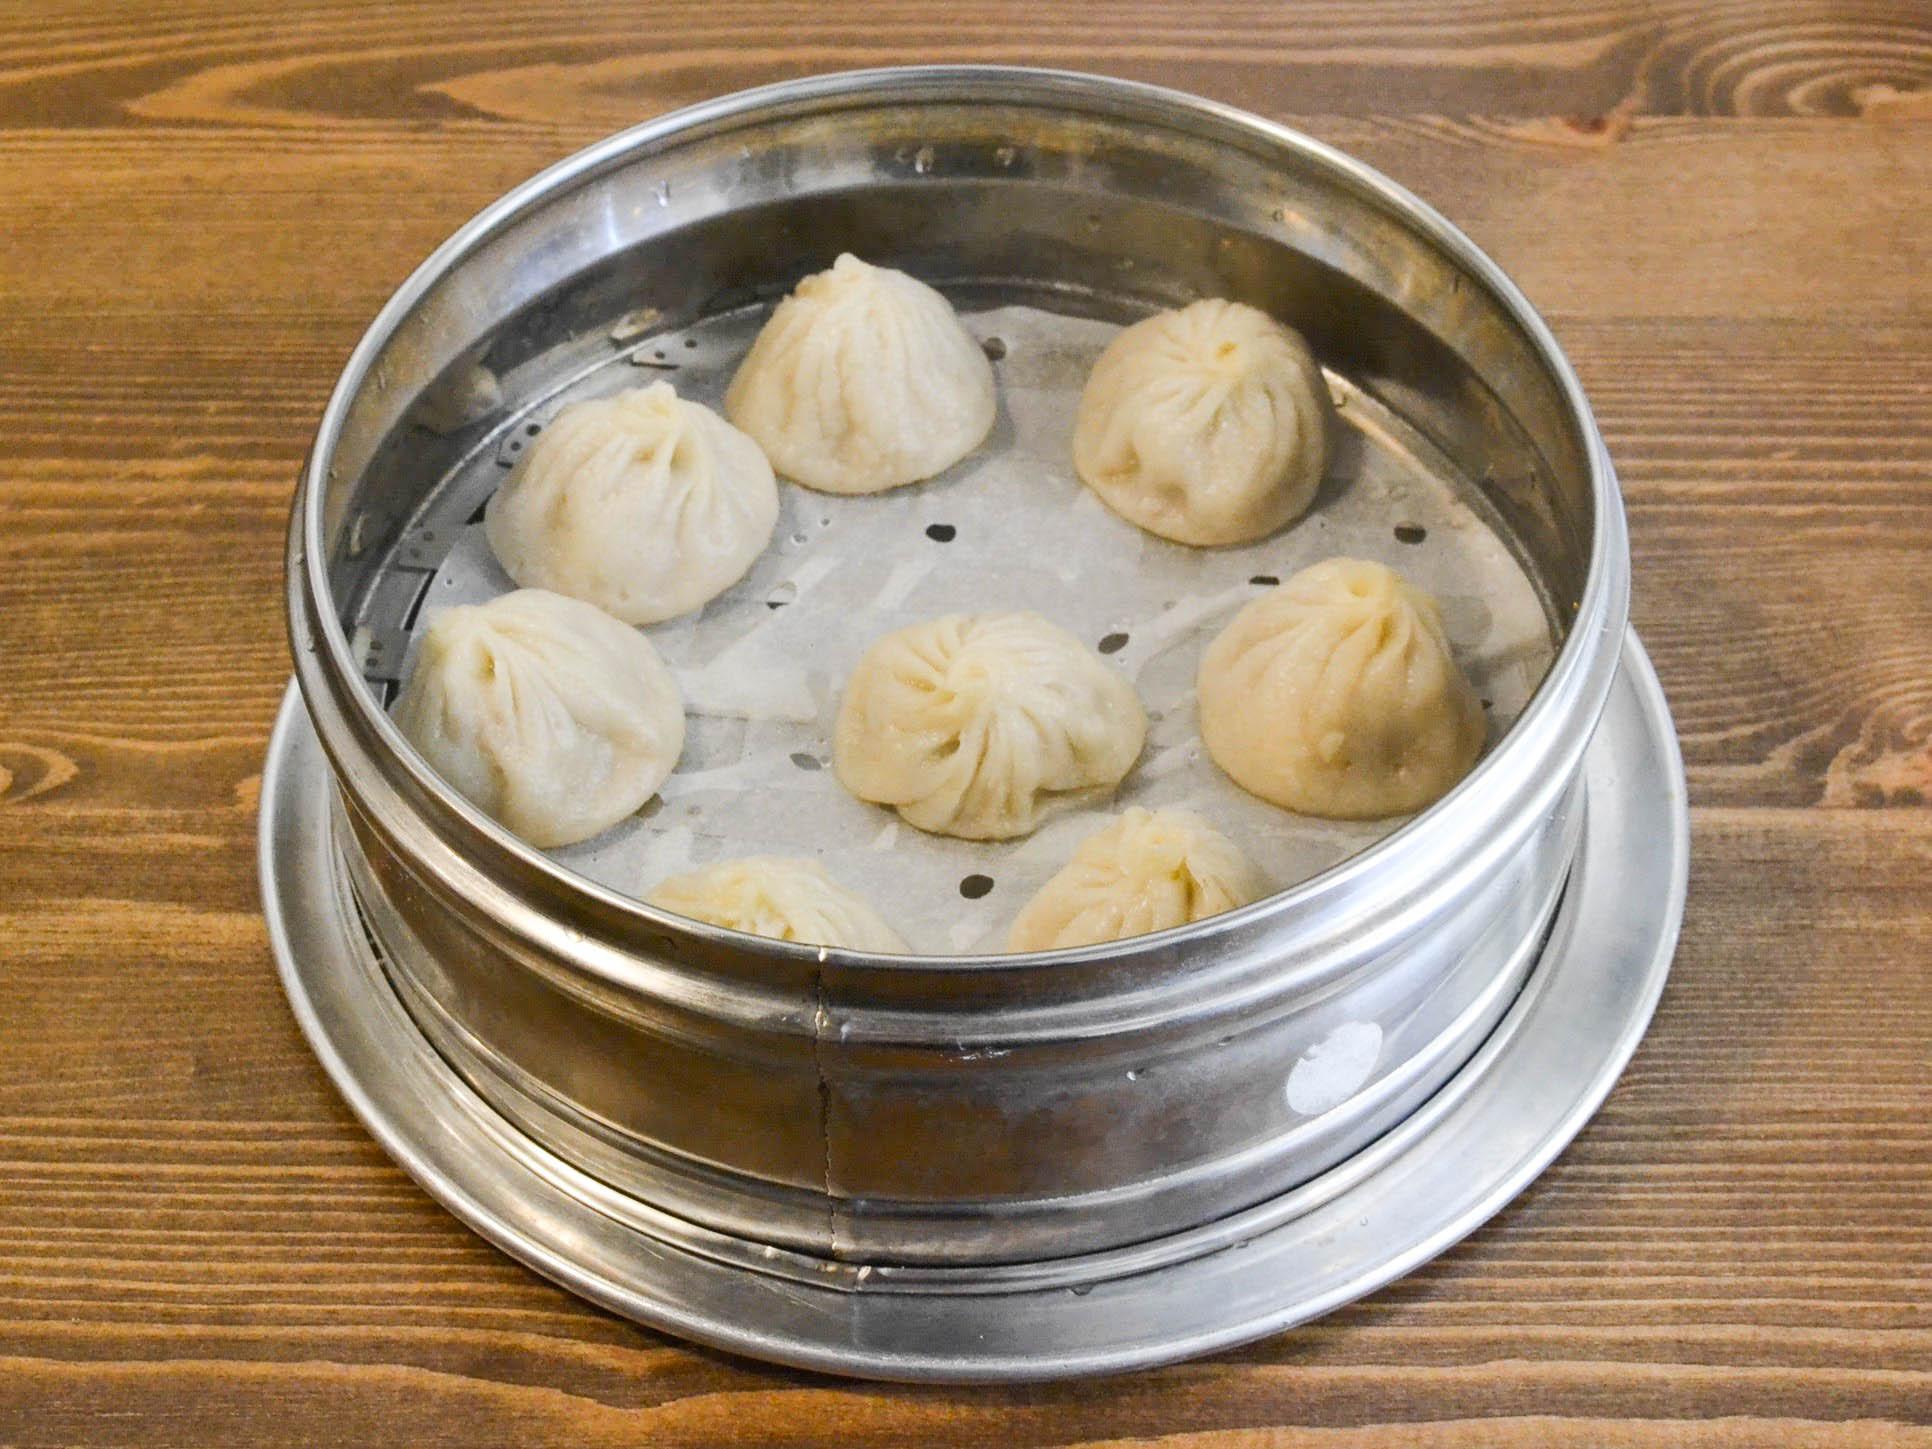 xiao long bao dumplings in a metal tin on a wooden table.